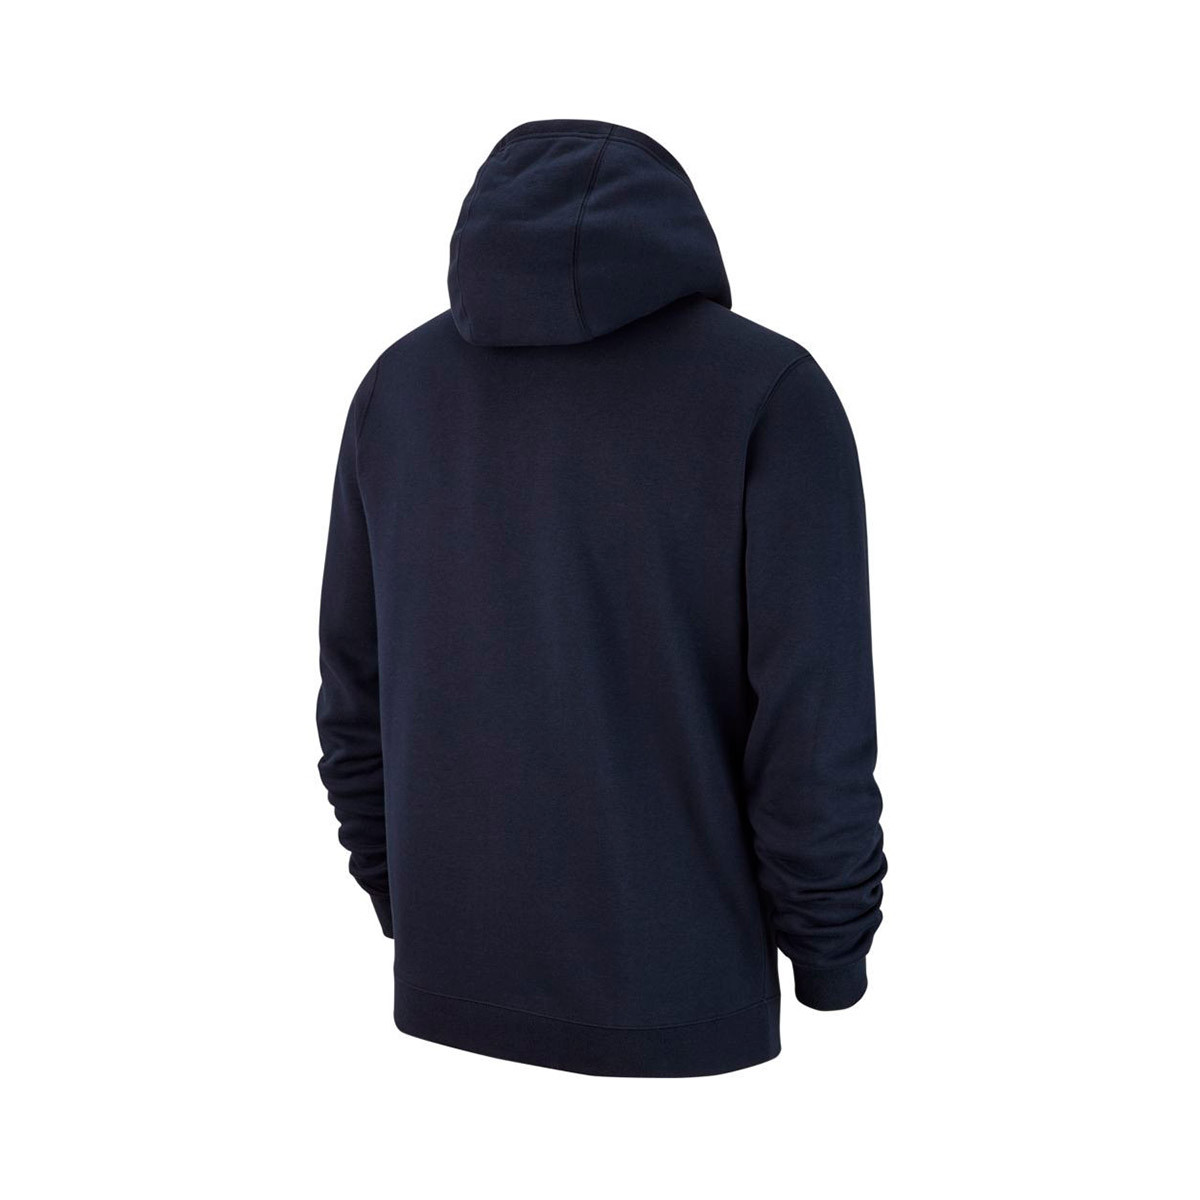 Veste Nike Club 19 Full Zip Hoodie enfant